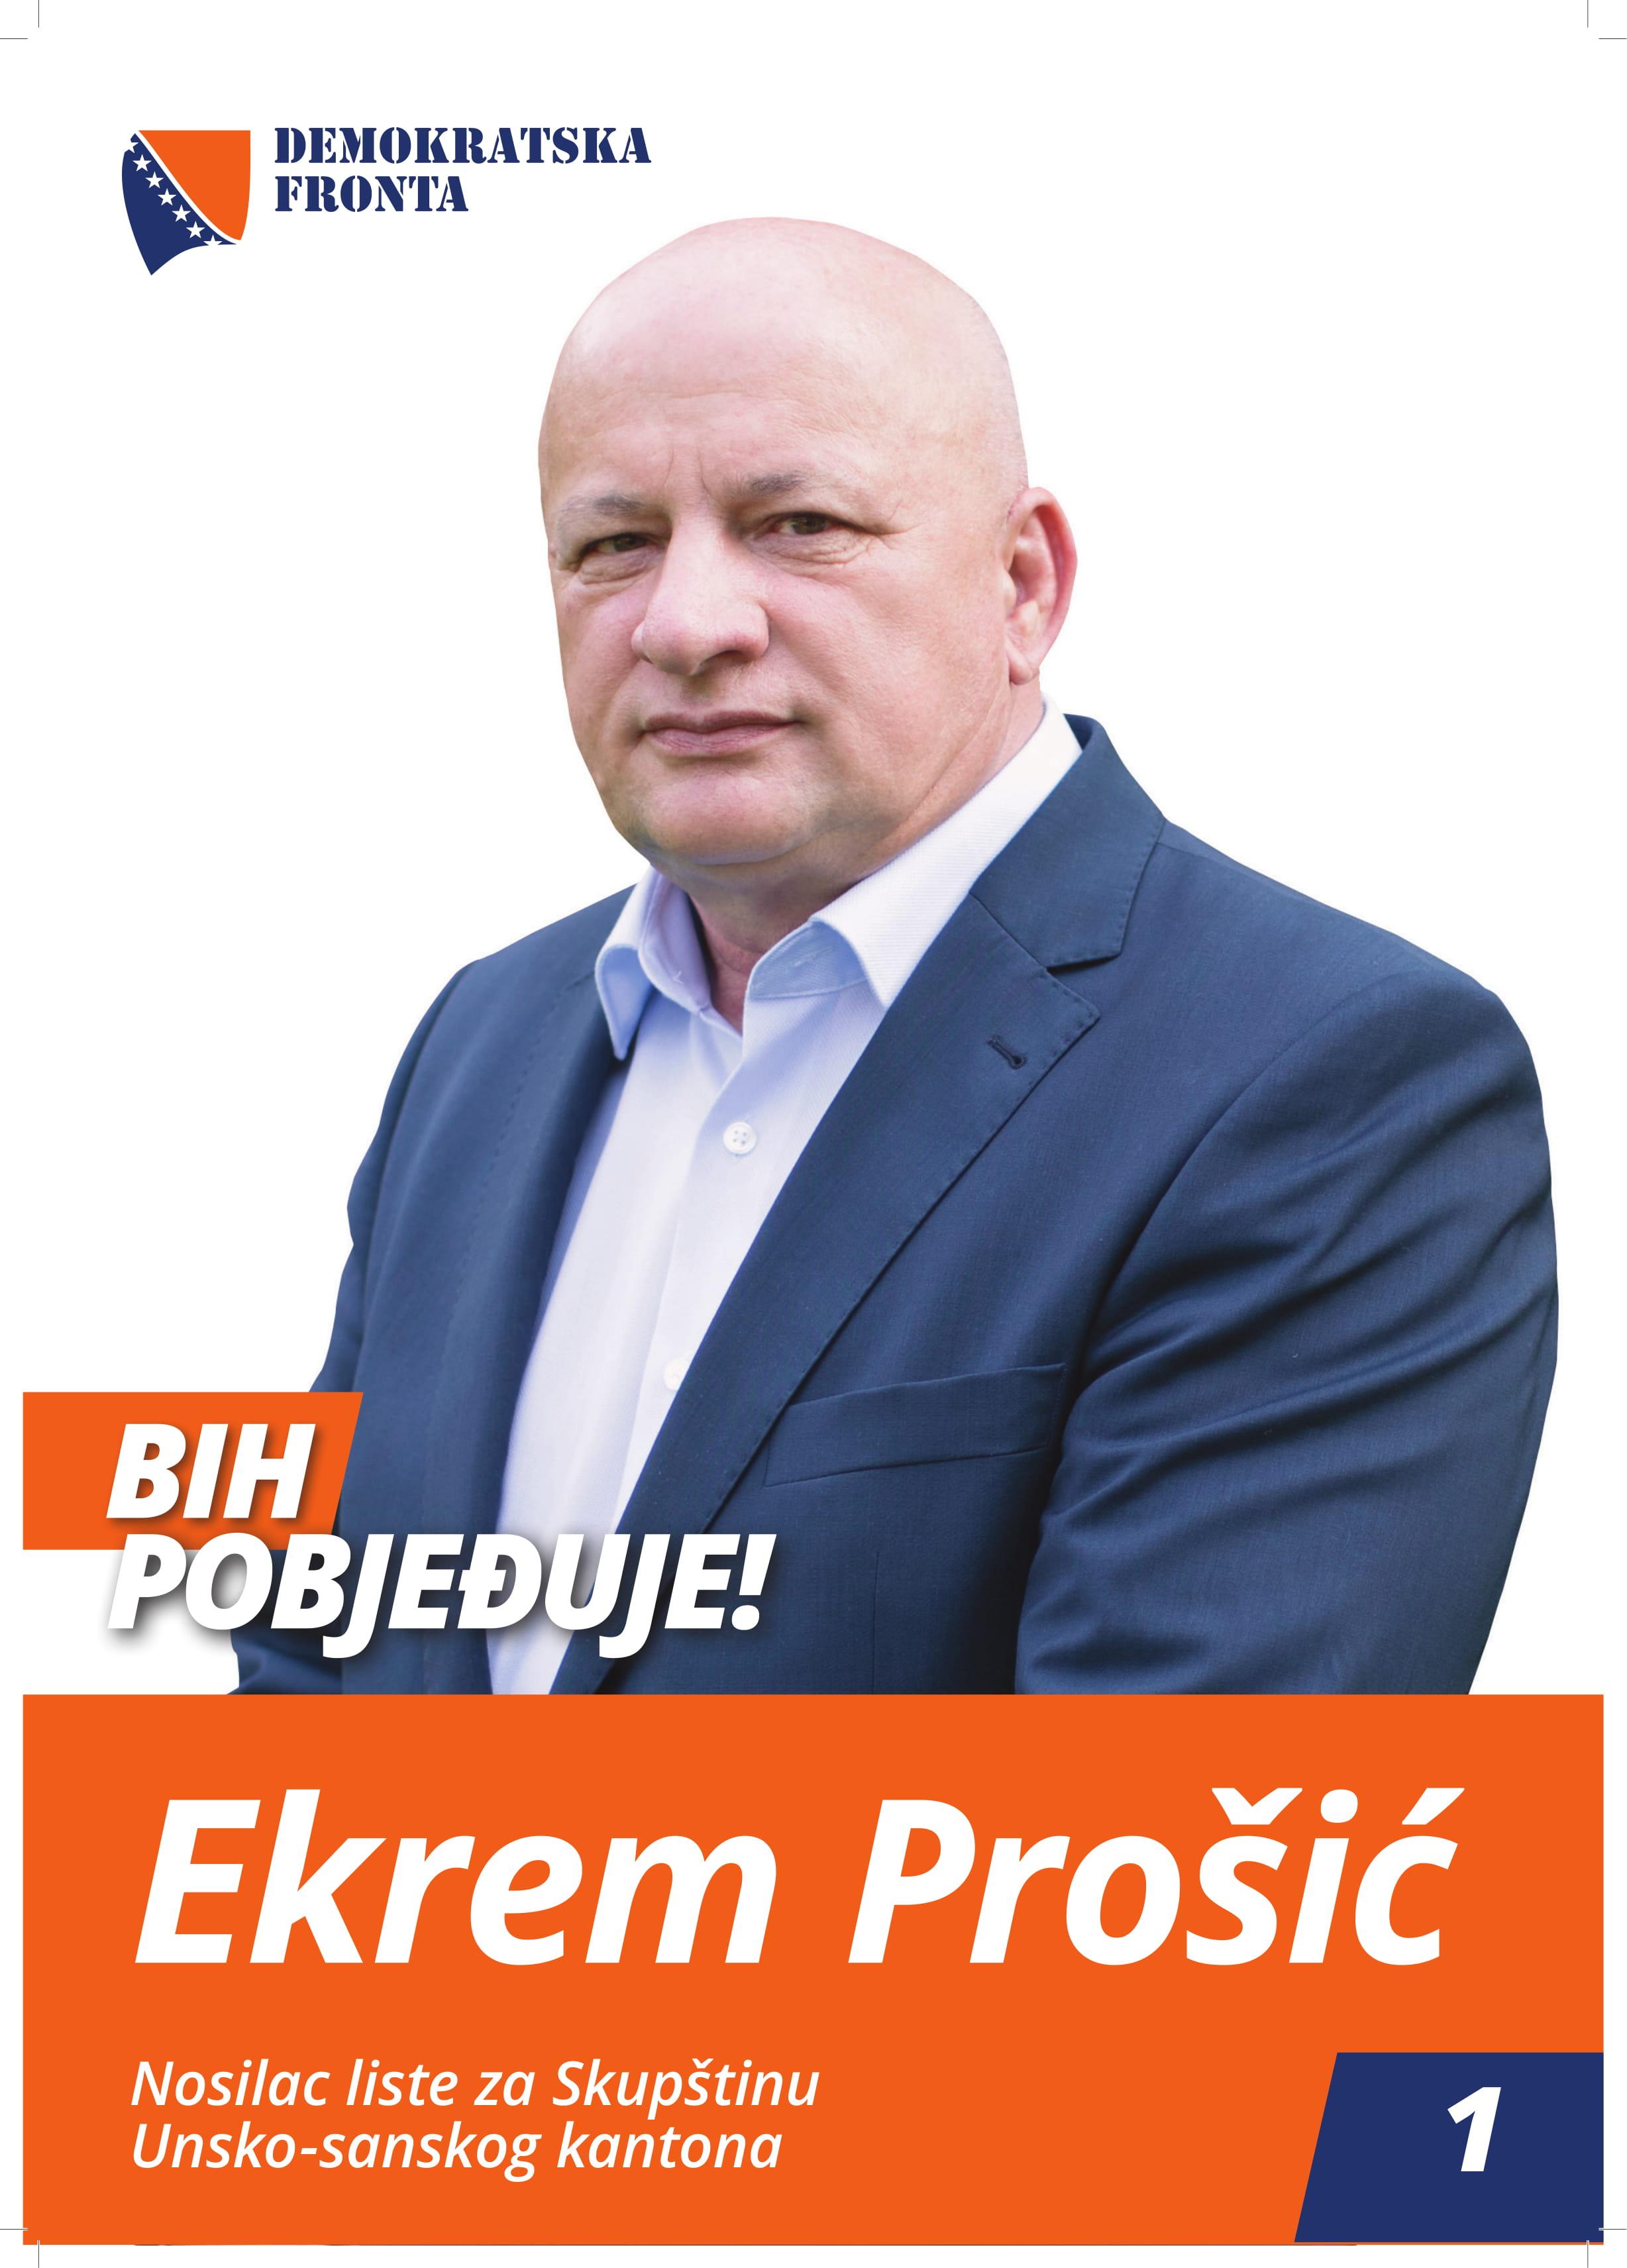 Ekrem Prošić, diplomirani pravnik